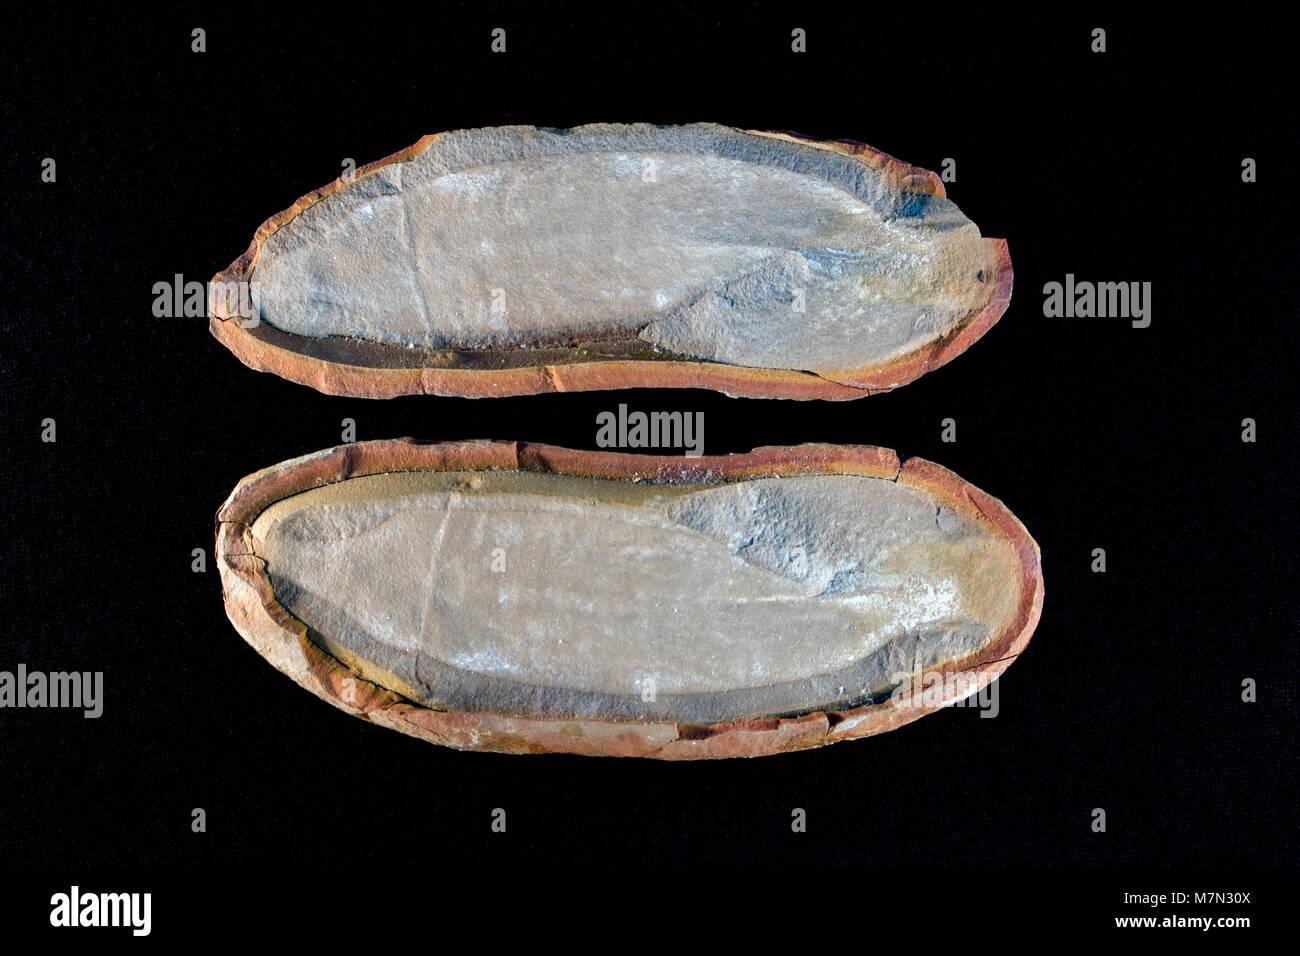 Ambas mitades de una concreción que contiene un monstruo tully, Tullimonstrum gregarium. Monstruo Tully fósiles procede únicamente de Mazon Creek, área de Illinois Foto de stock